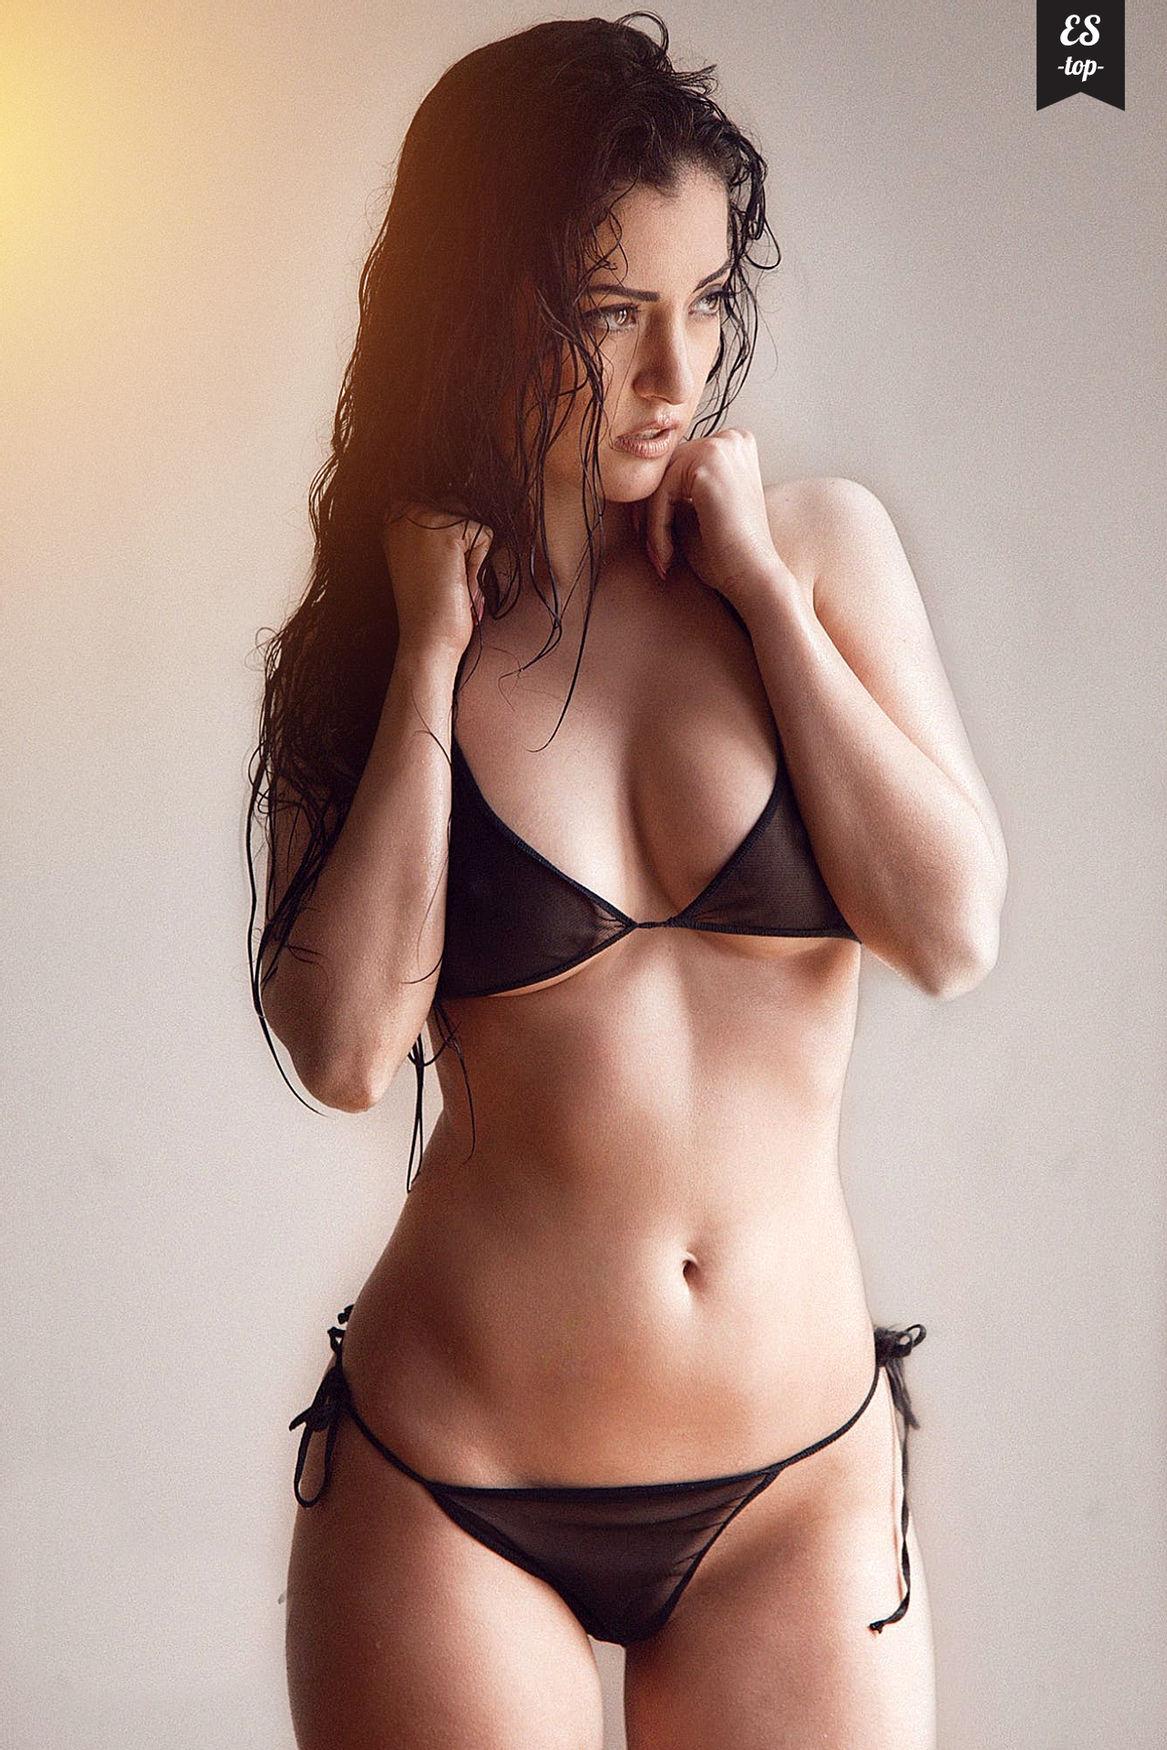 Stunning bikini babe..